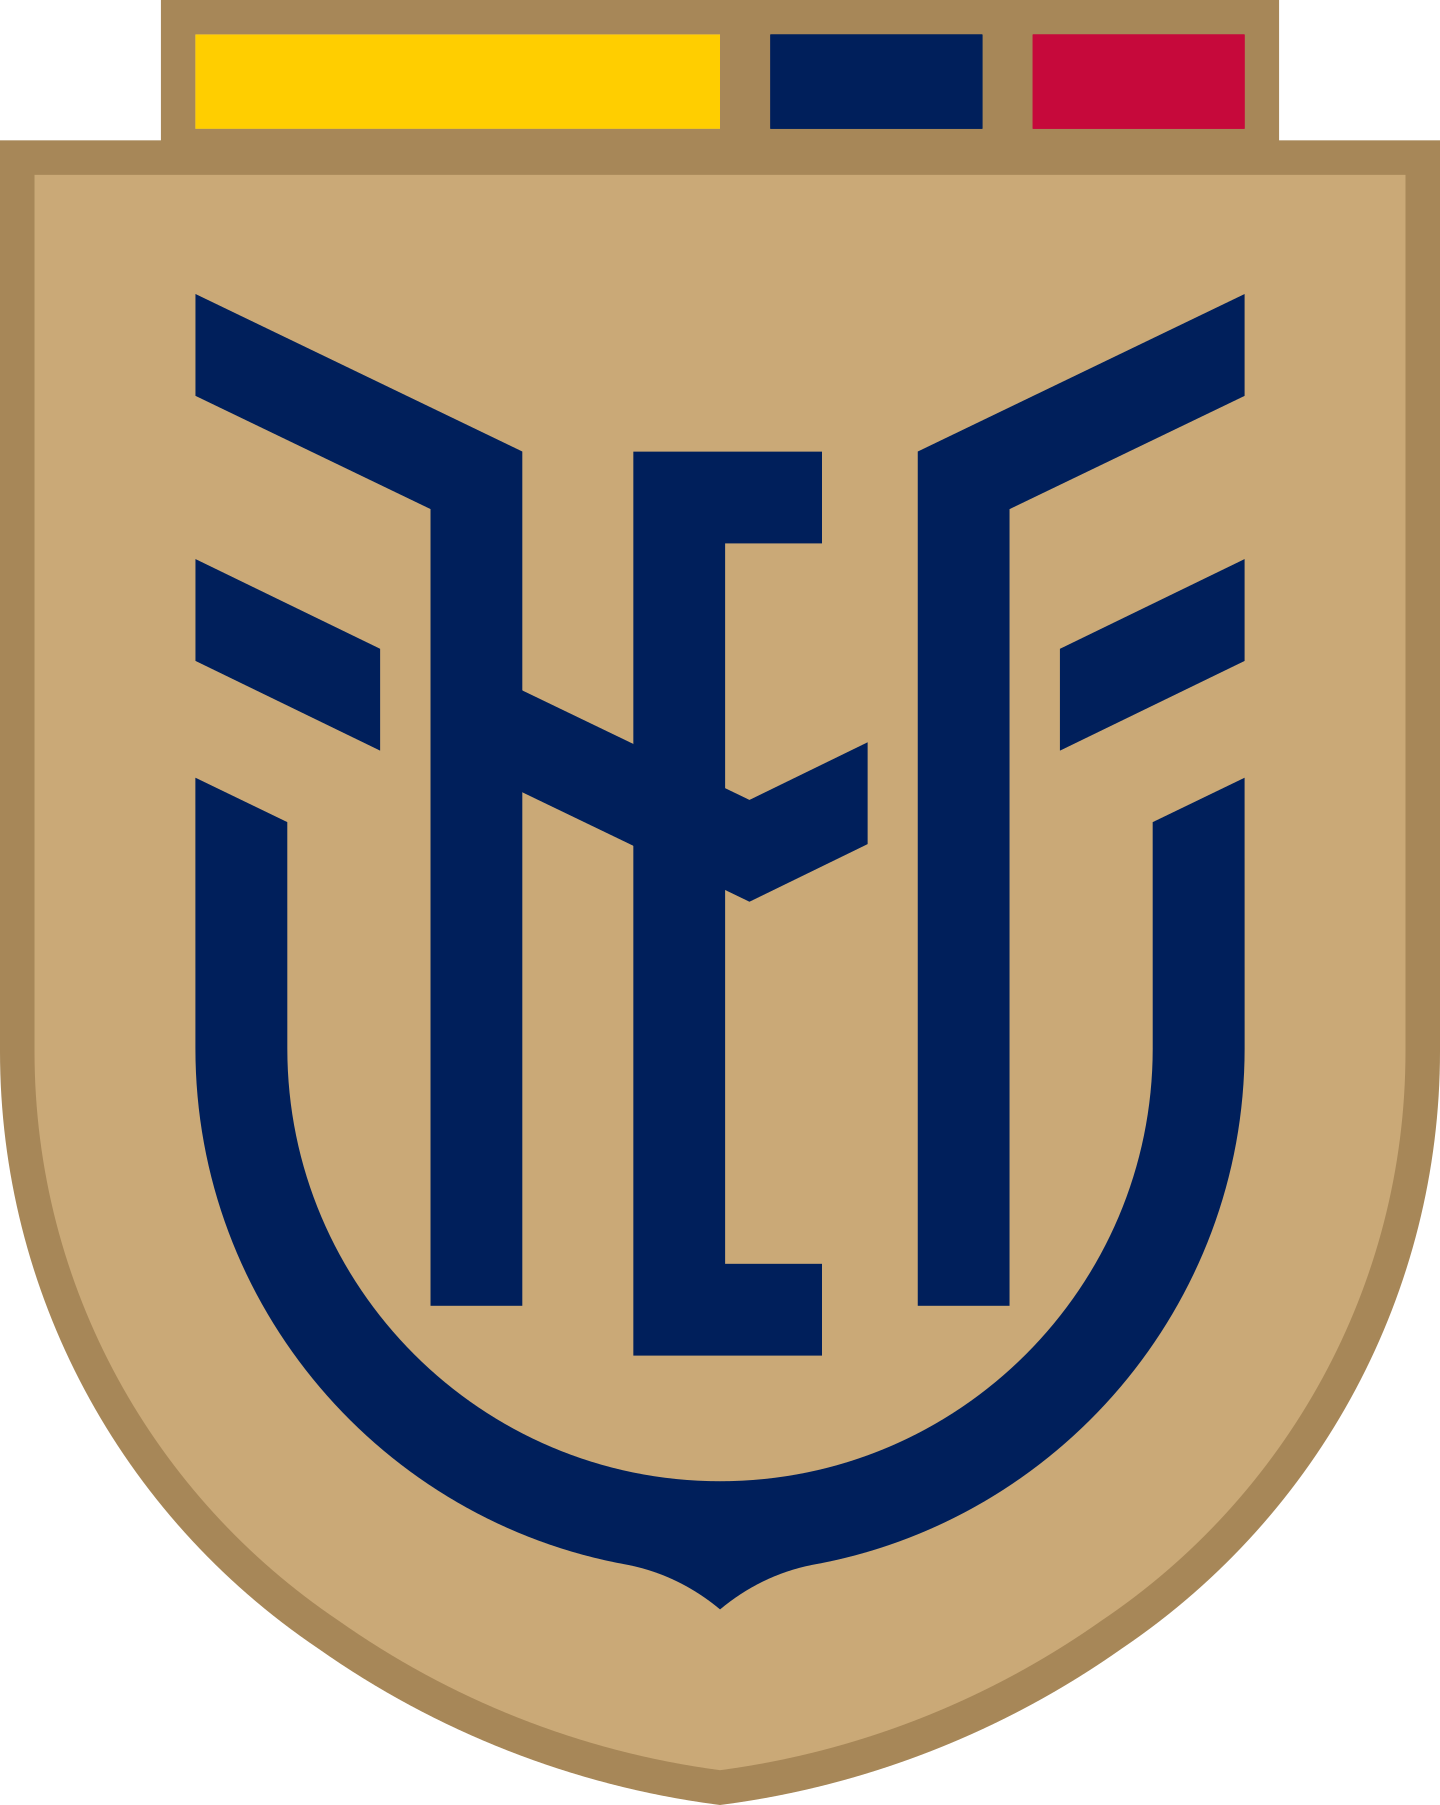 fef seleccion ecuador logo 2 - FEF Logo - Seleção do Equador de Futebol Logo